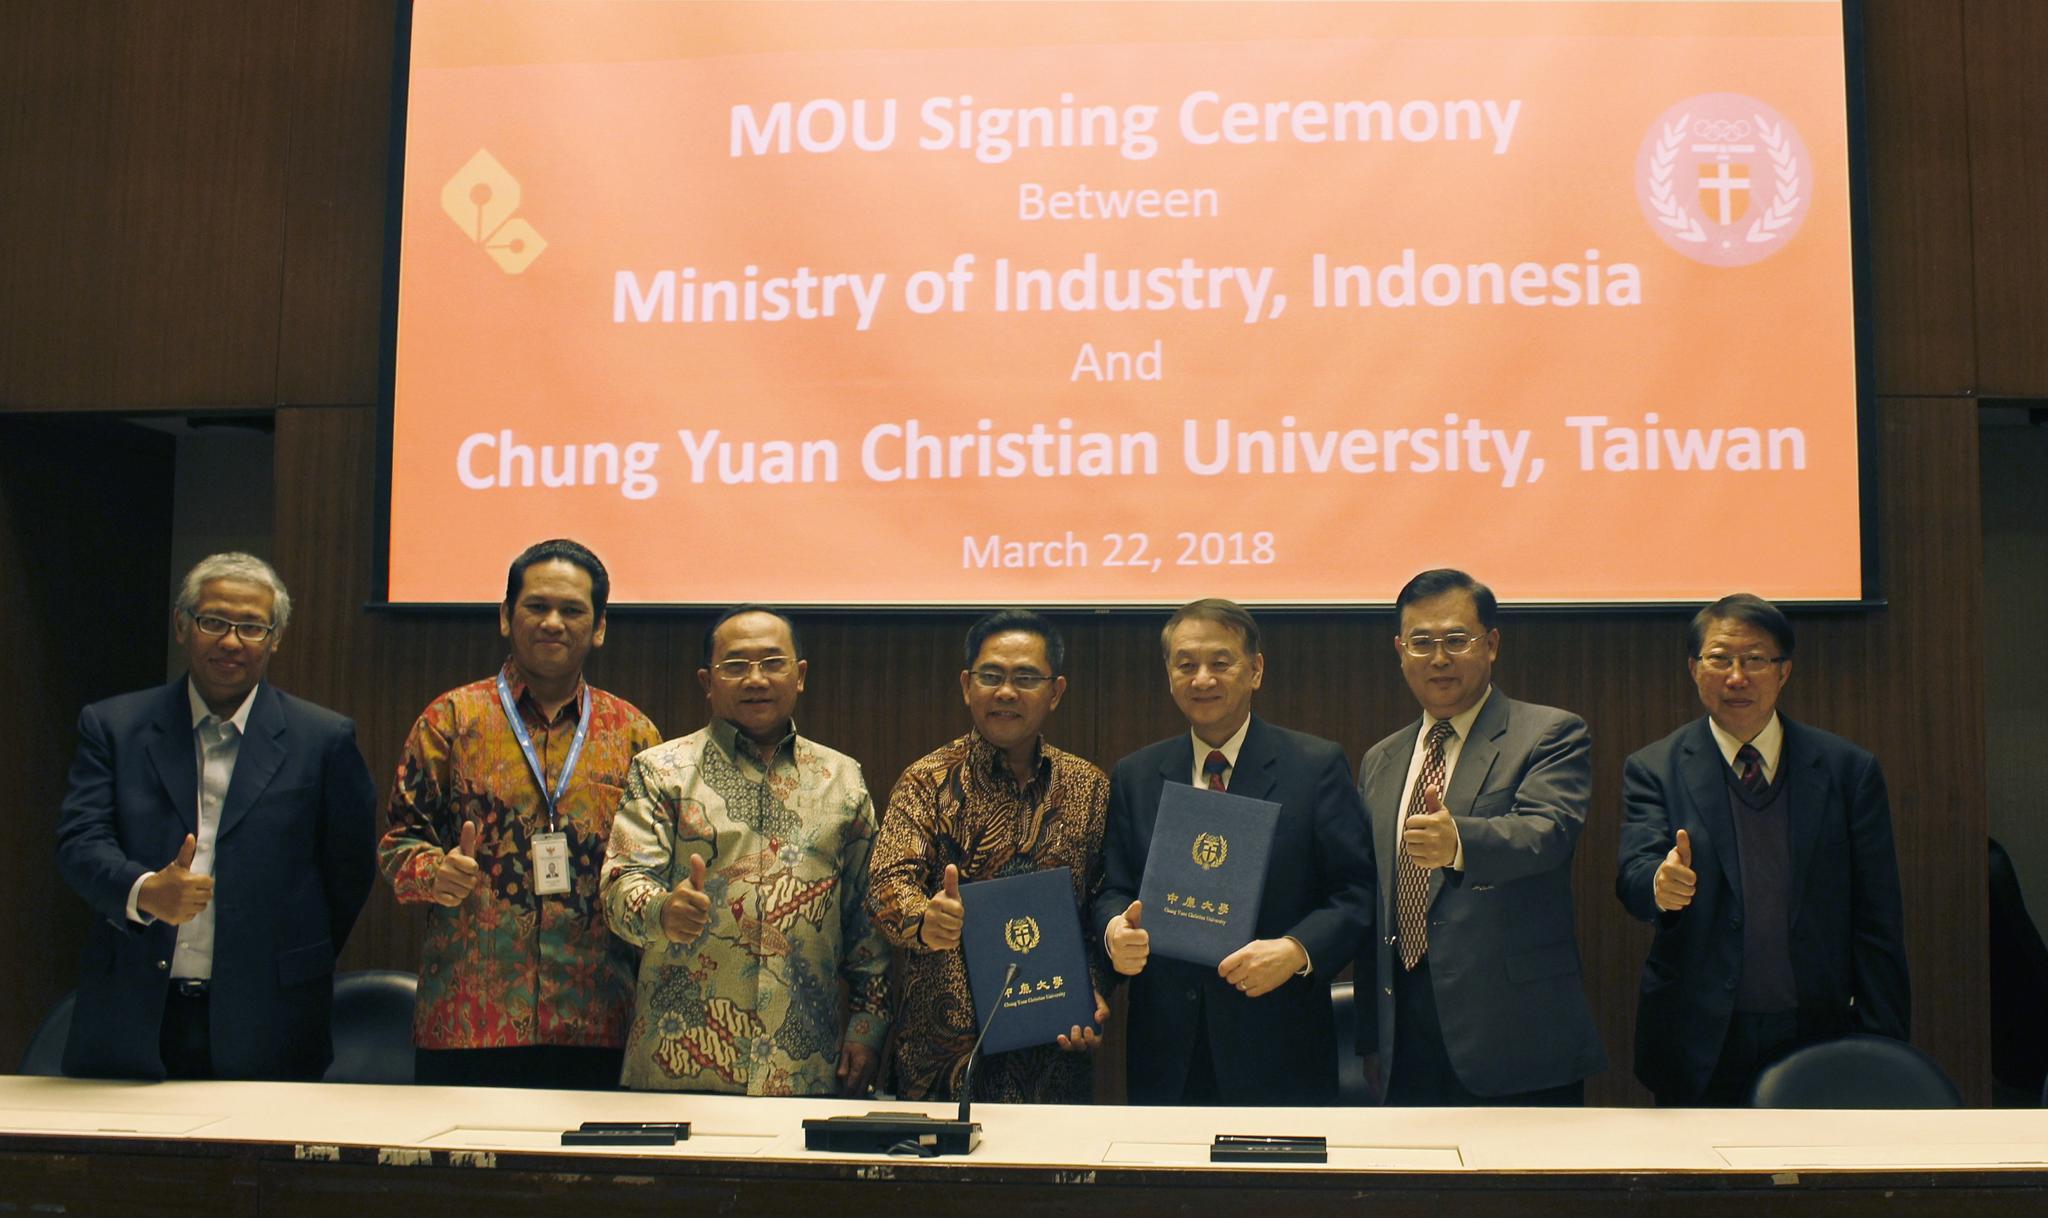 中原大學與印尼工業部簽約合作.jpg